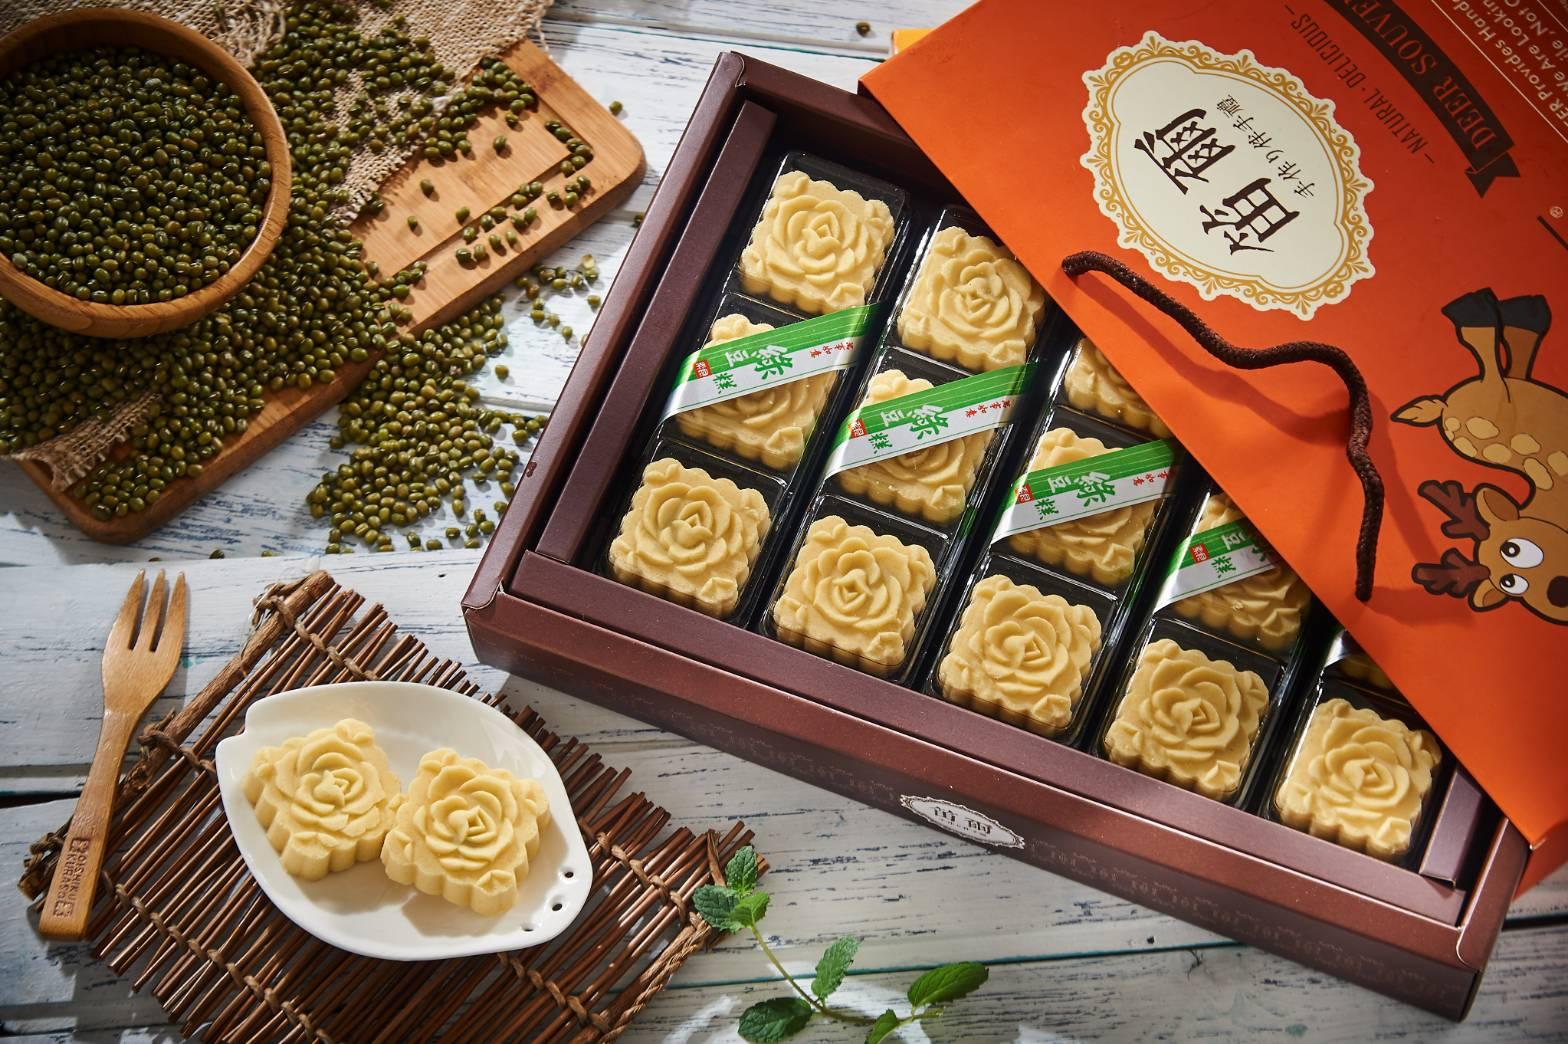 【笛爾手作現烤蛋糕】綠豆糕禮盒/15入/盒